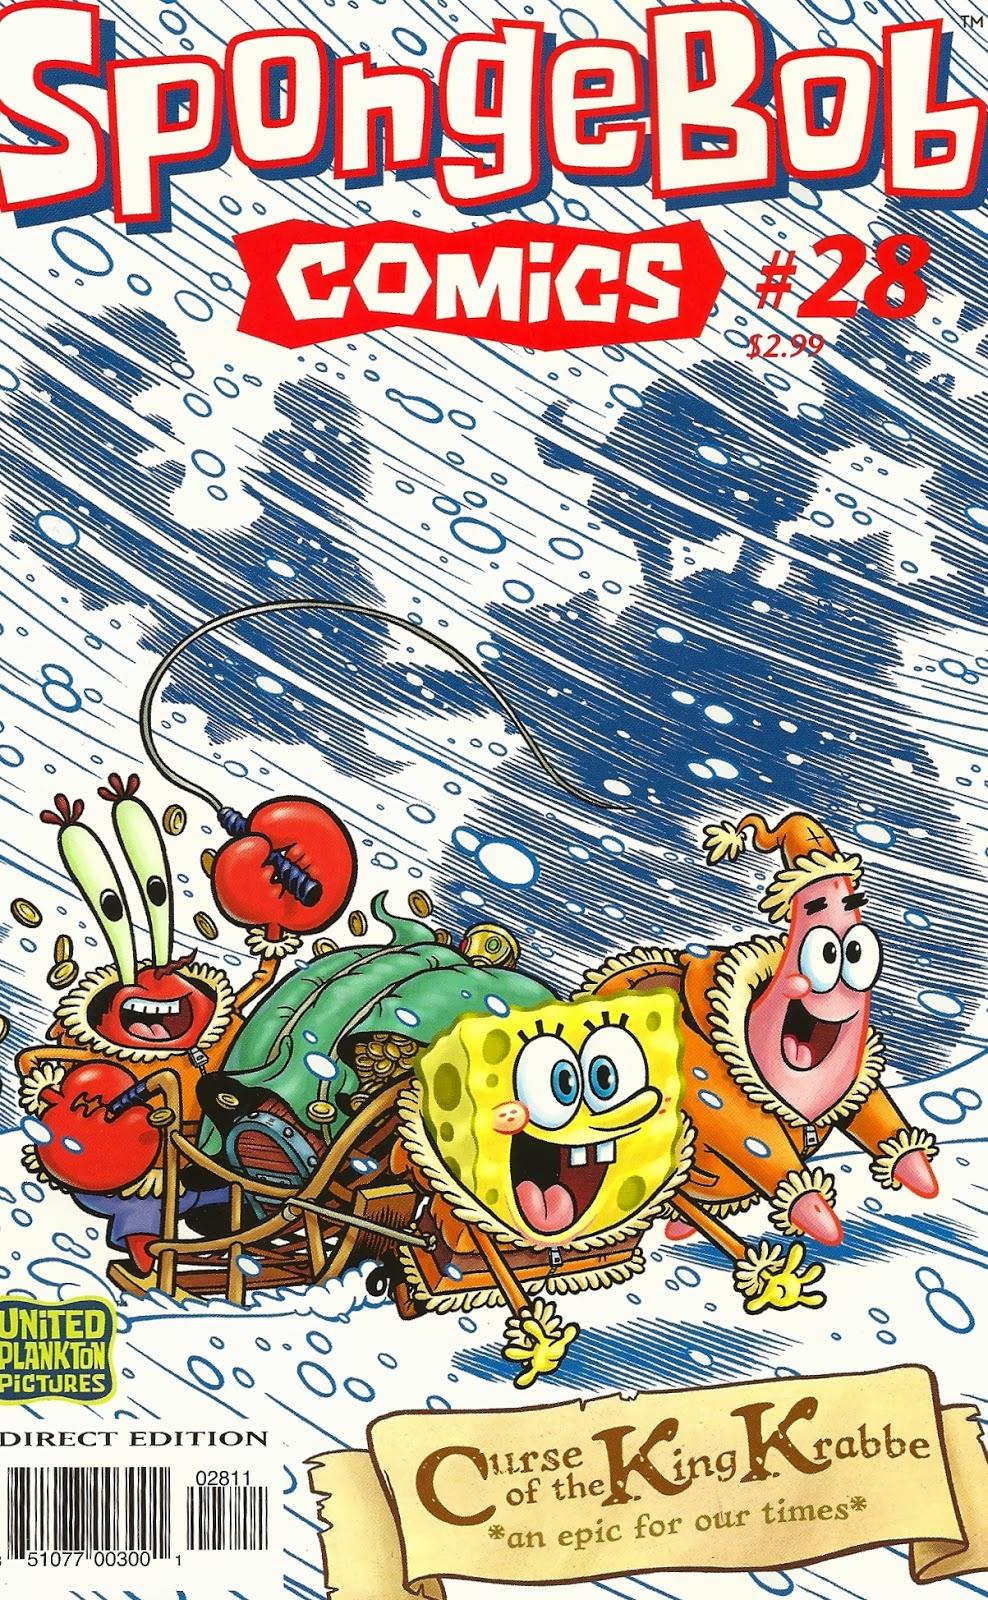 Spongebob Rule 34